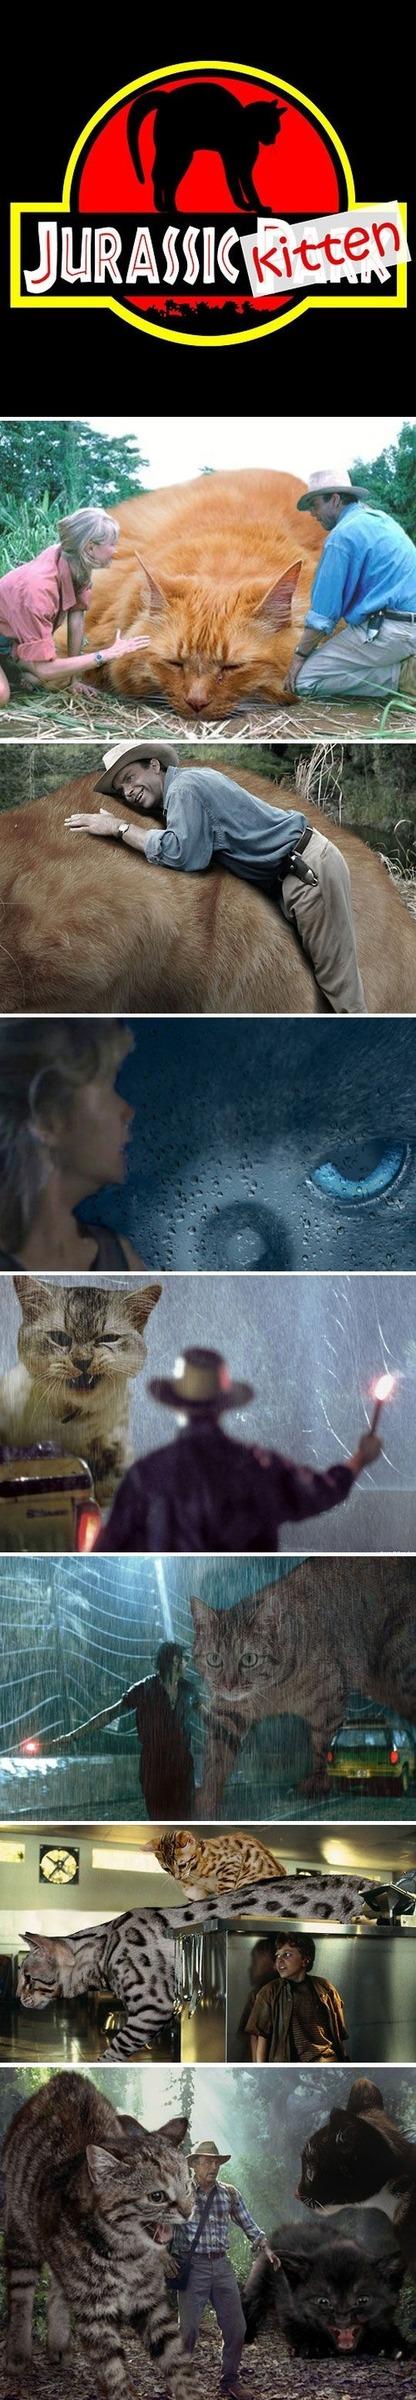 Jurassic Kitten - meme